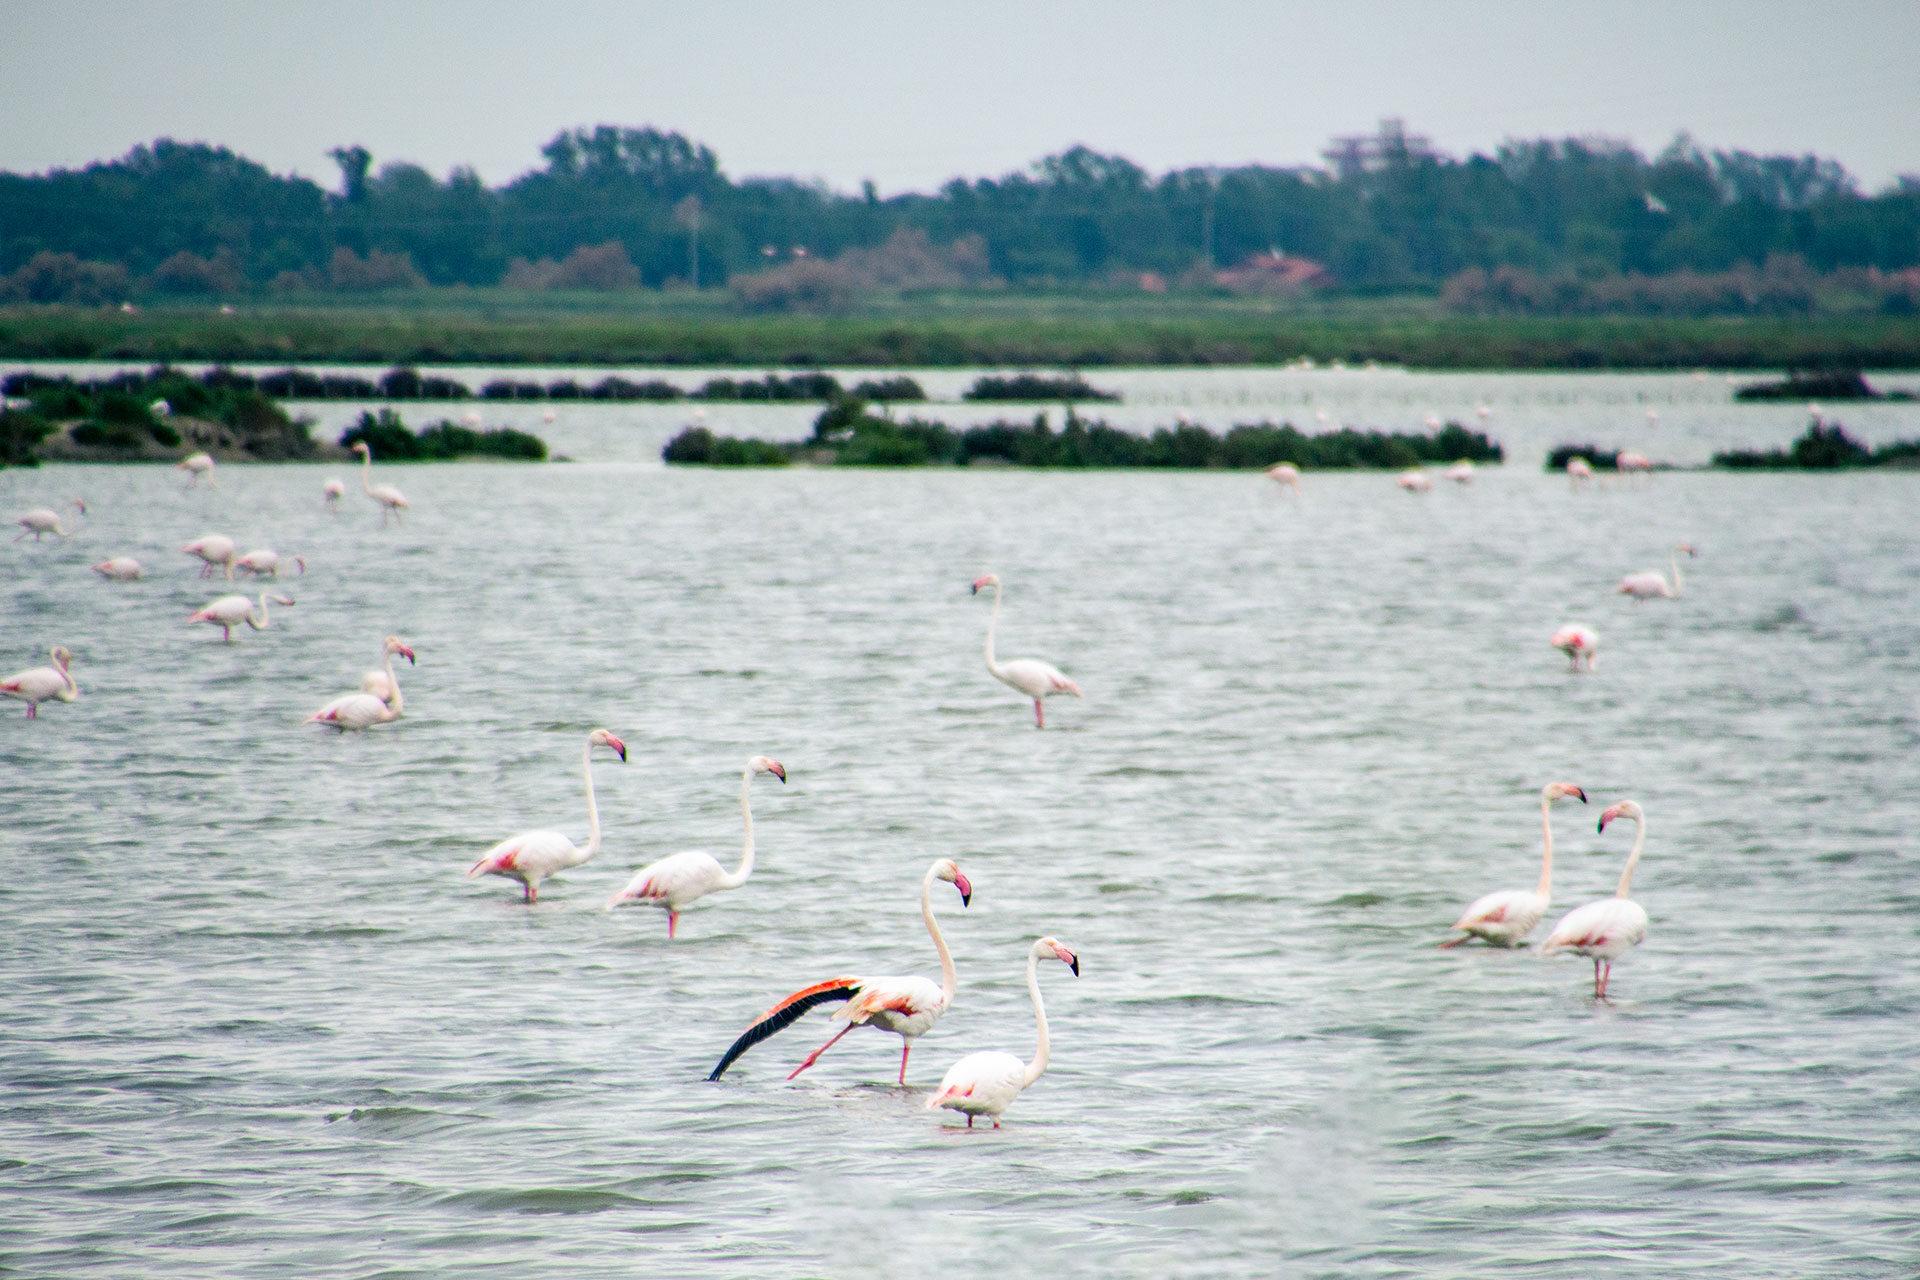 Einzigartige Tierwelt: selbst Flamingos kann man im Valle di Comacchio beobachten.